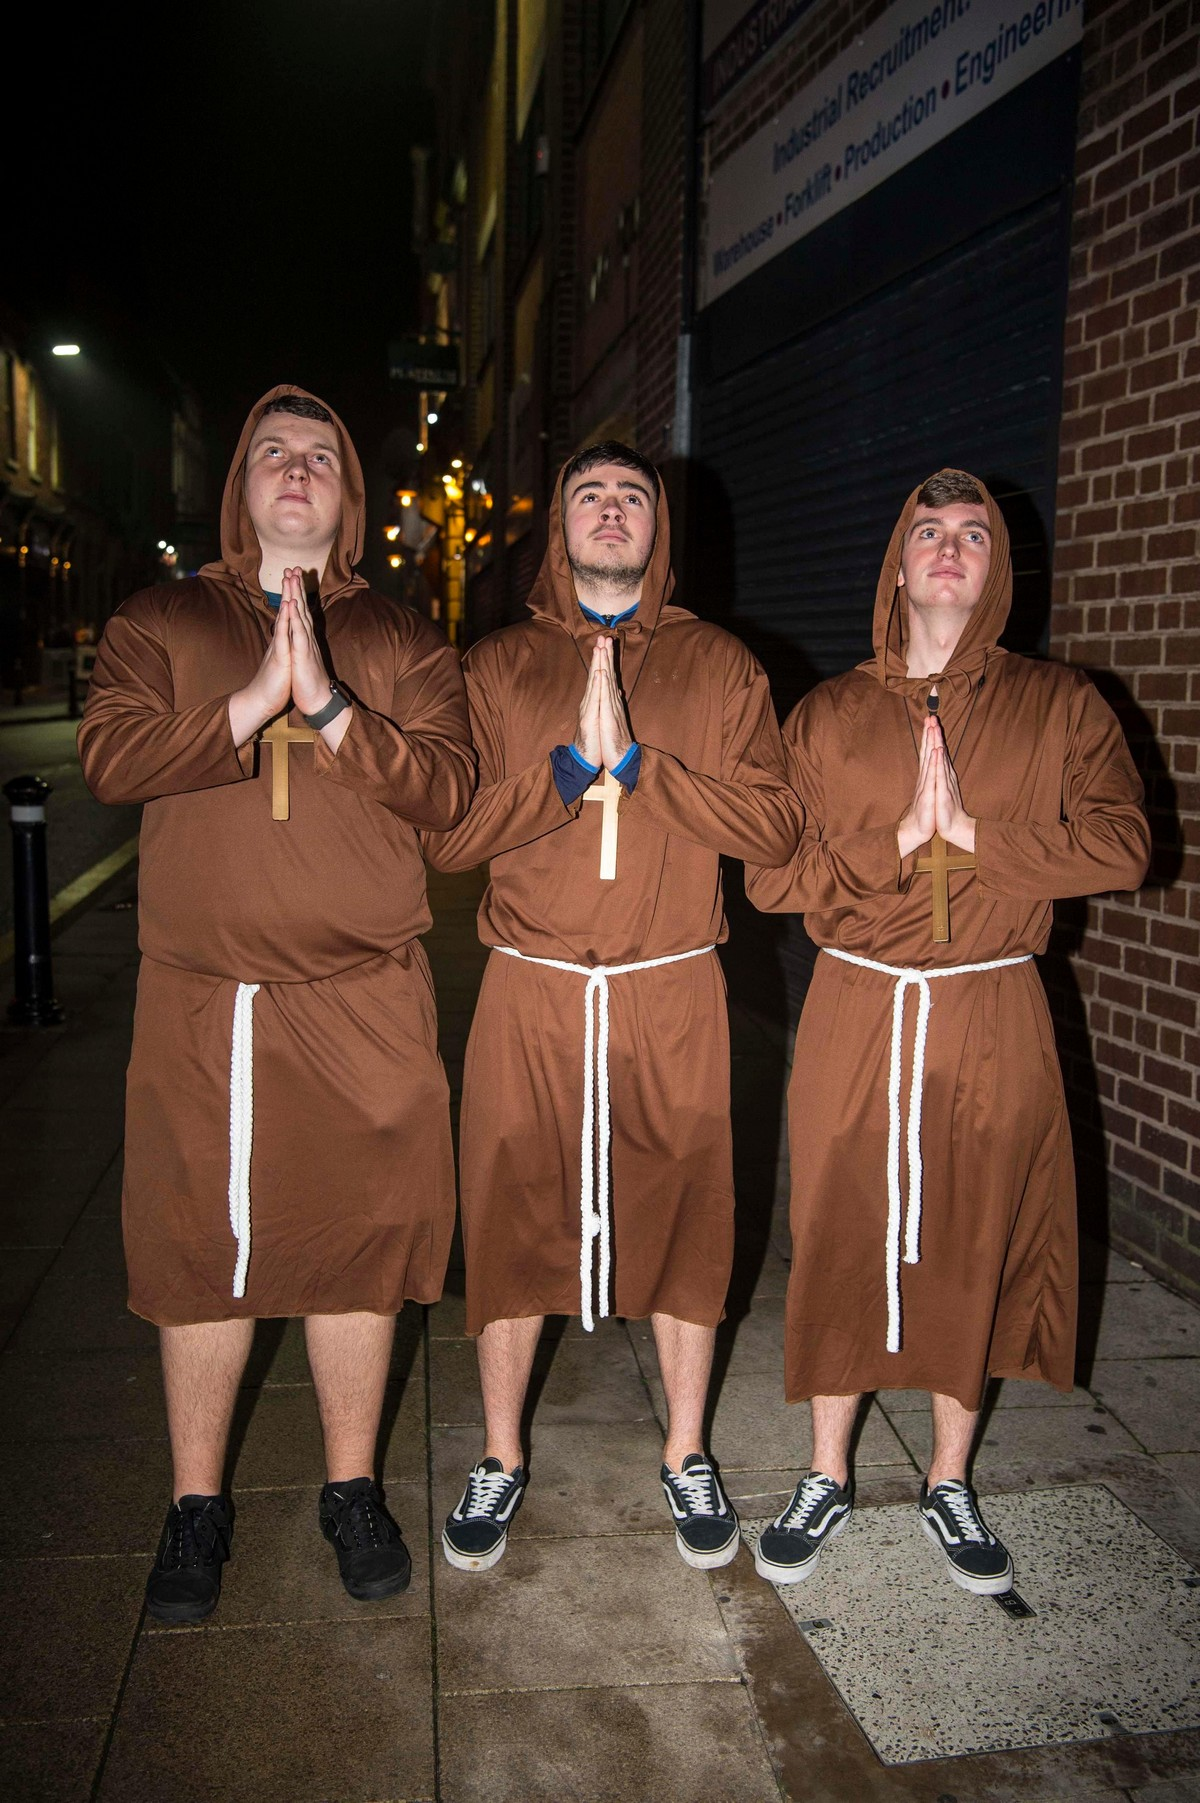 Маскарадные костюмы на День подарков в Великобритании